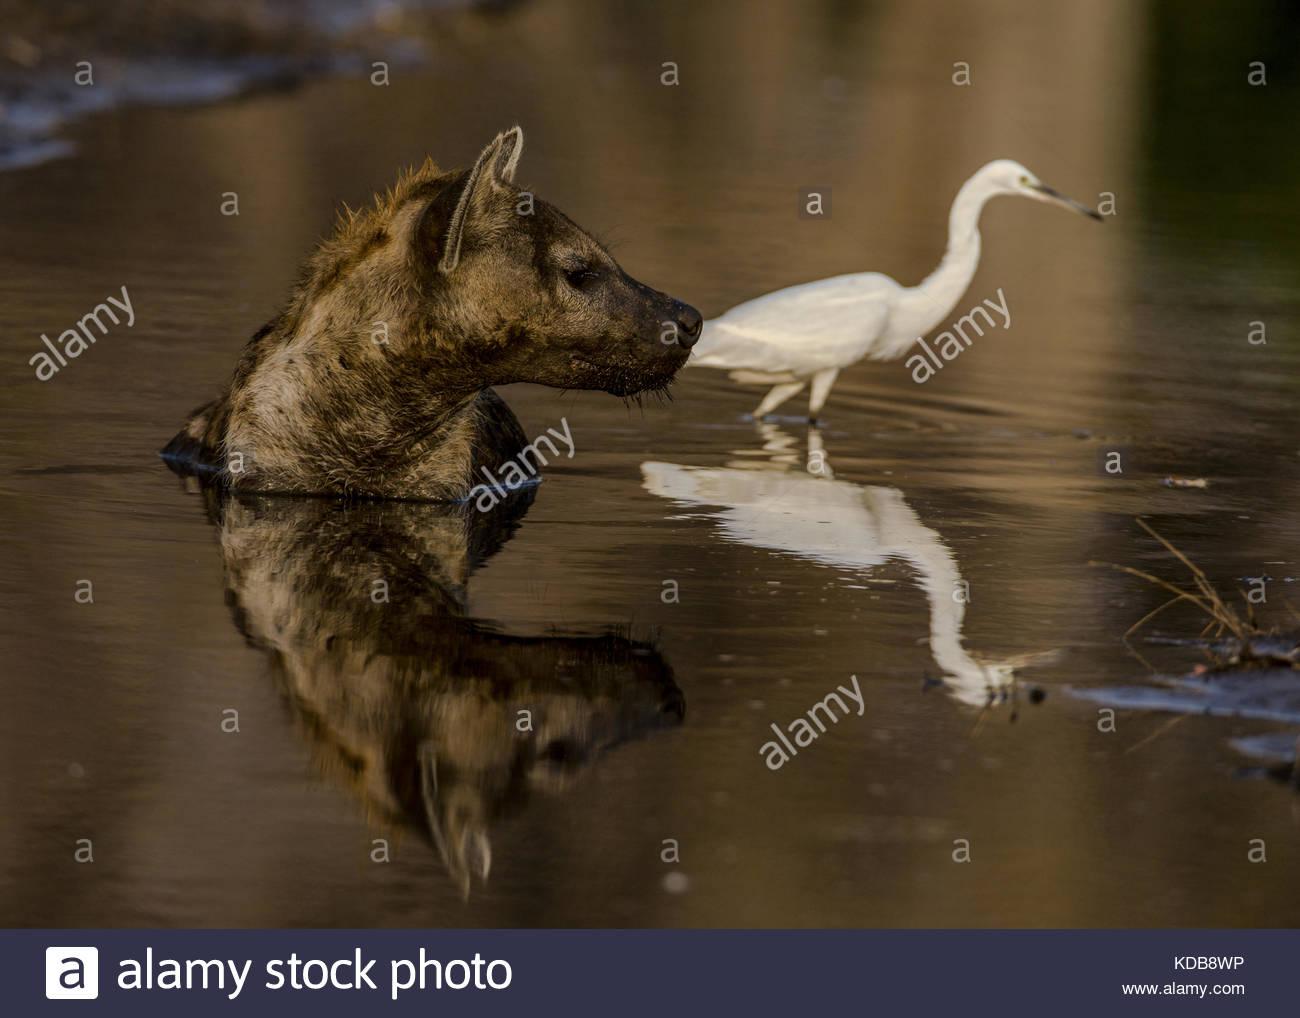 Une hyène tachetée, Crocuta crocuta, réside dans une petite piscine d'eau de refroidir dans le Photo Stock